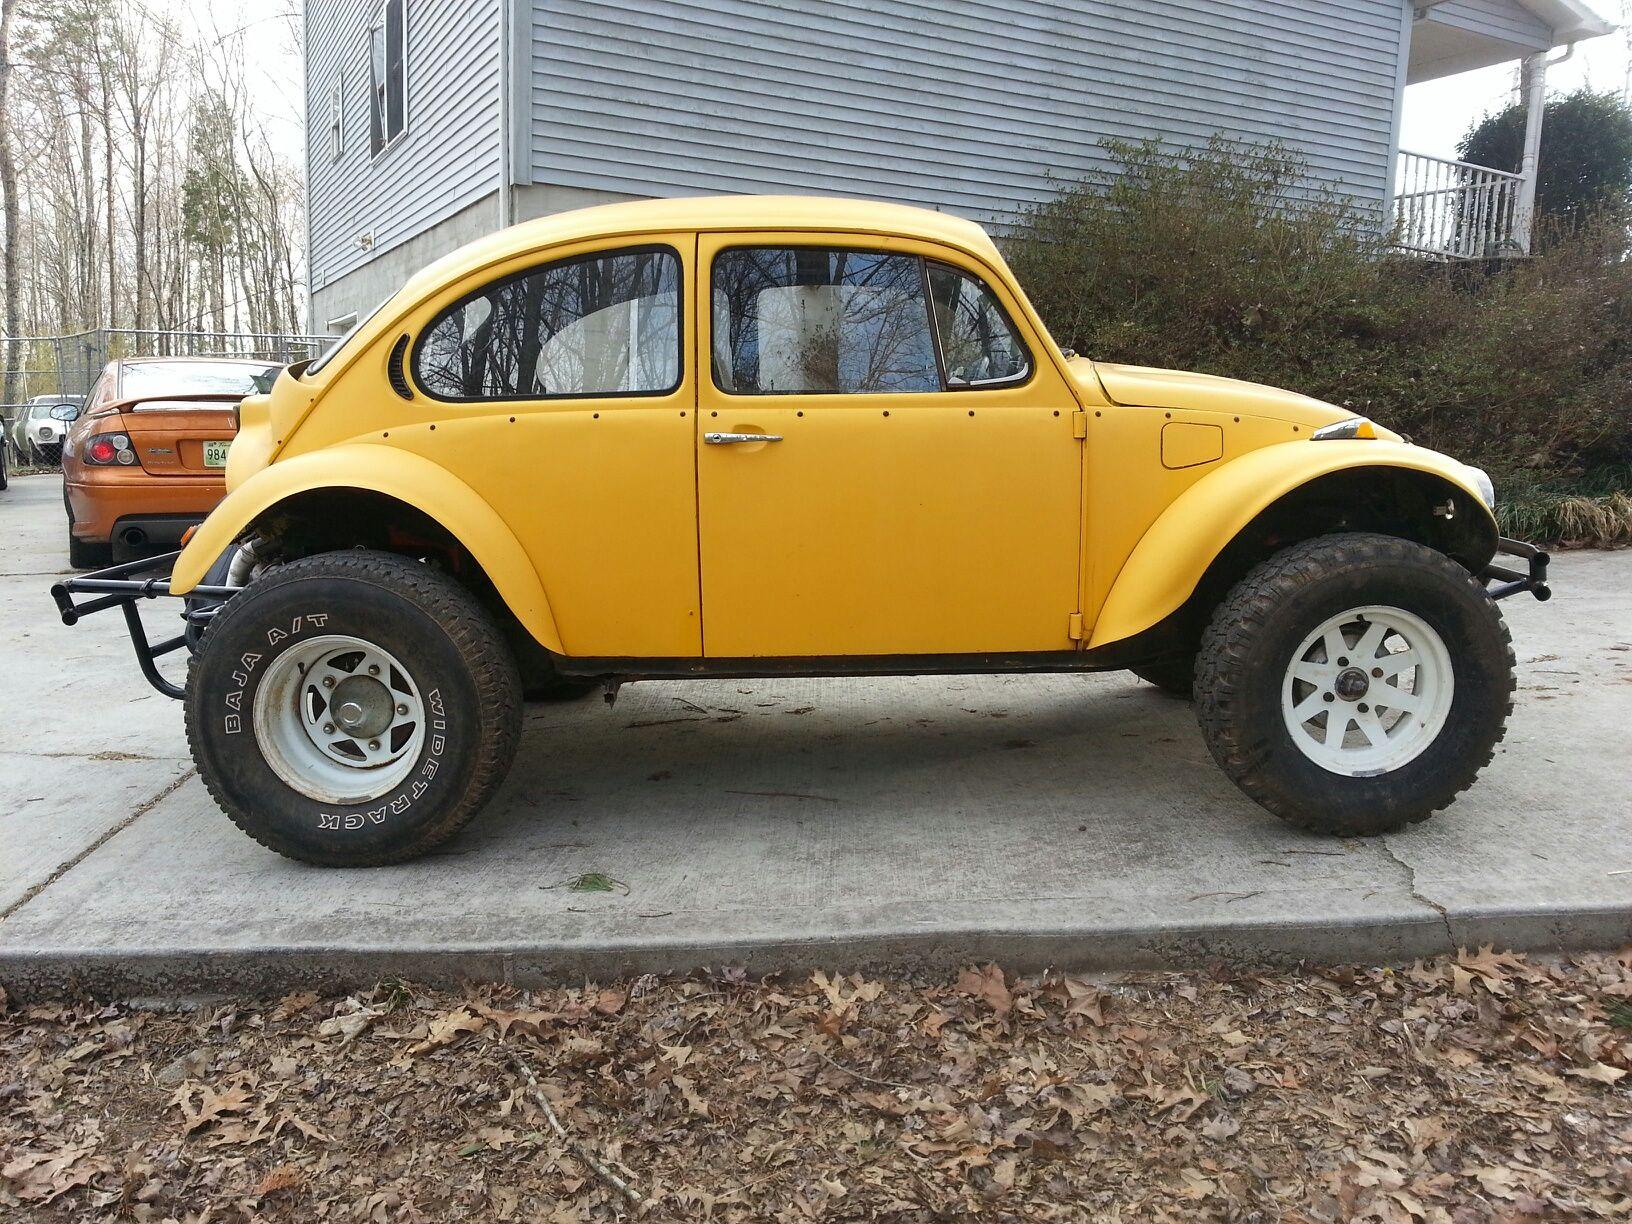 vw baja lift kit another bugdewde 1976 volkswagen beetle post favorite rides air cooled. Black Bedroom Furniture Sets. Home Design Ideas